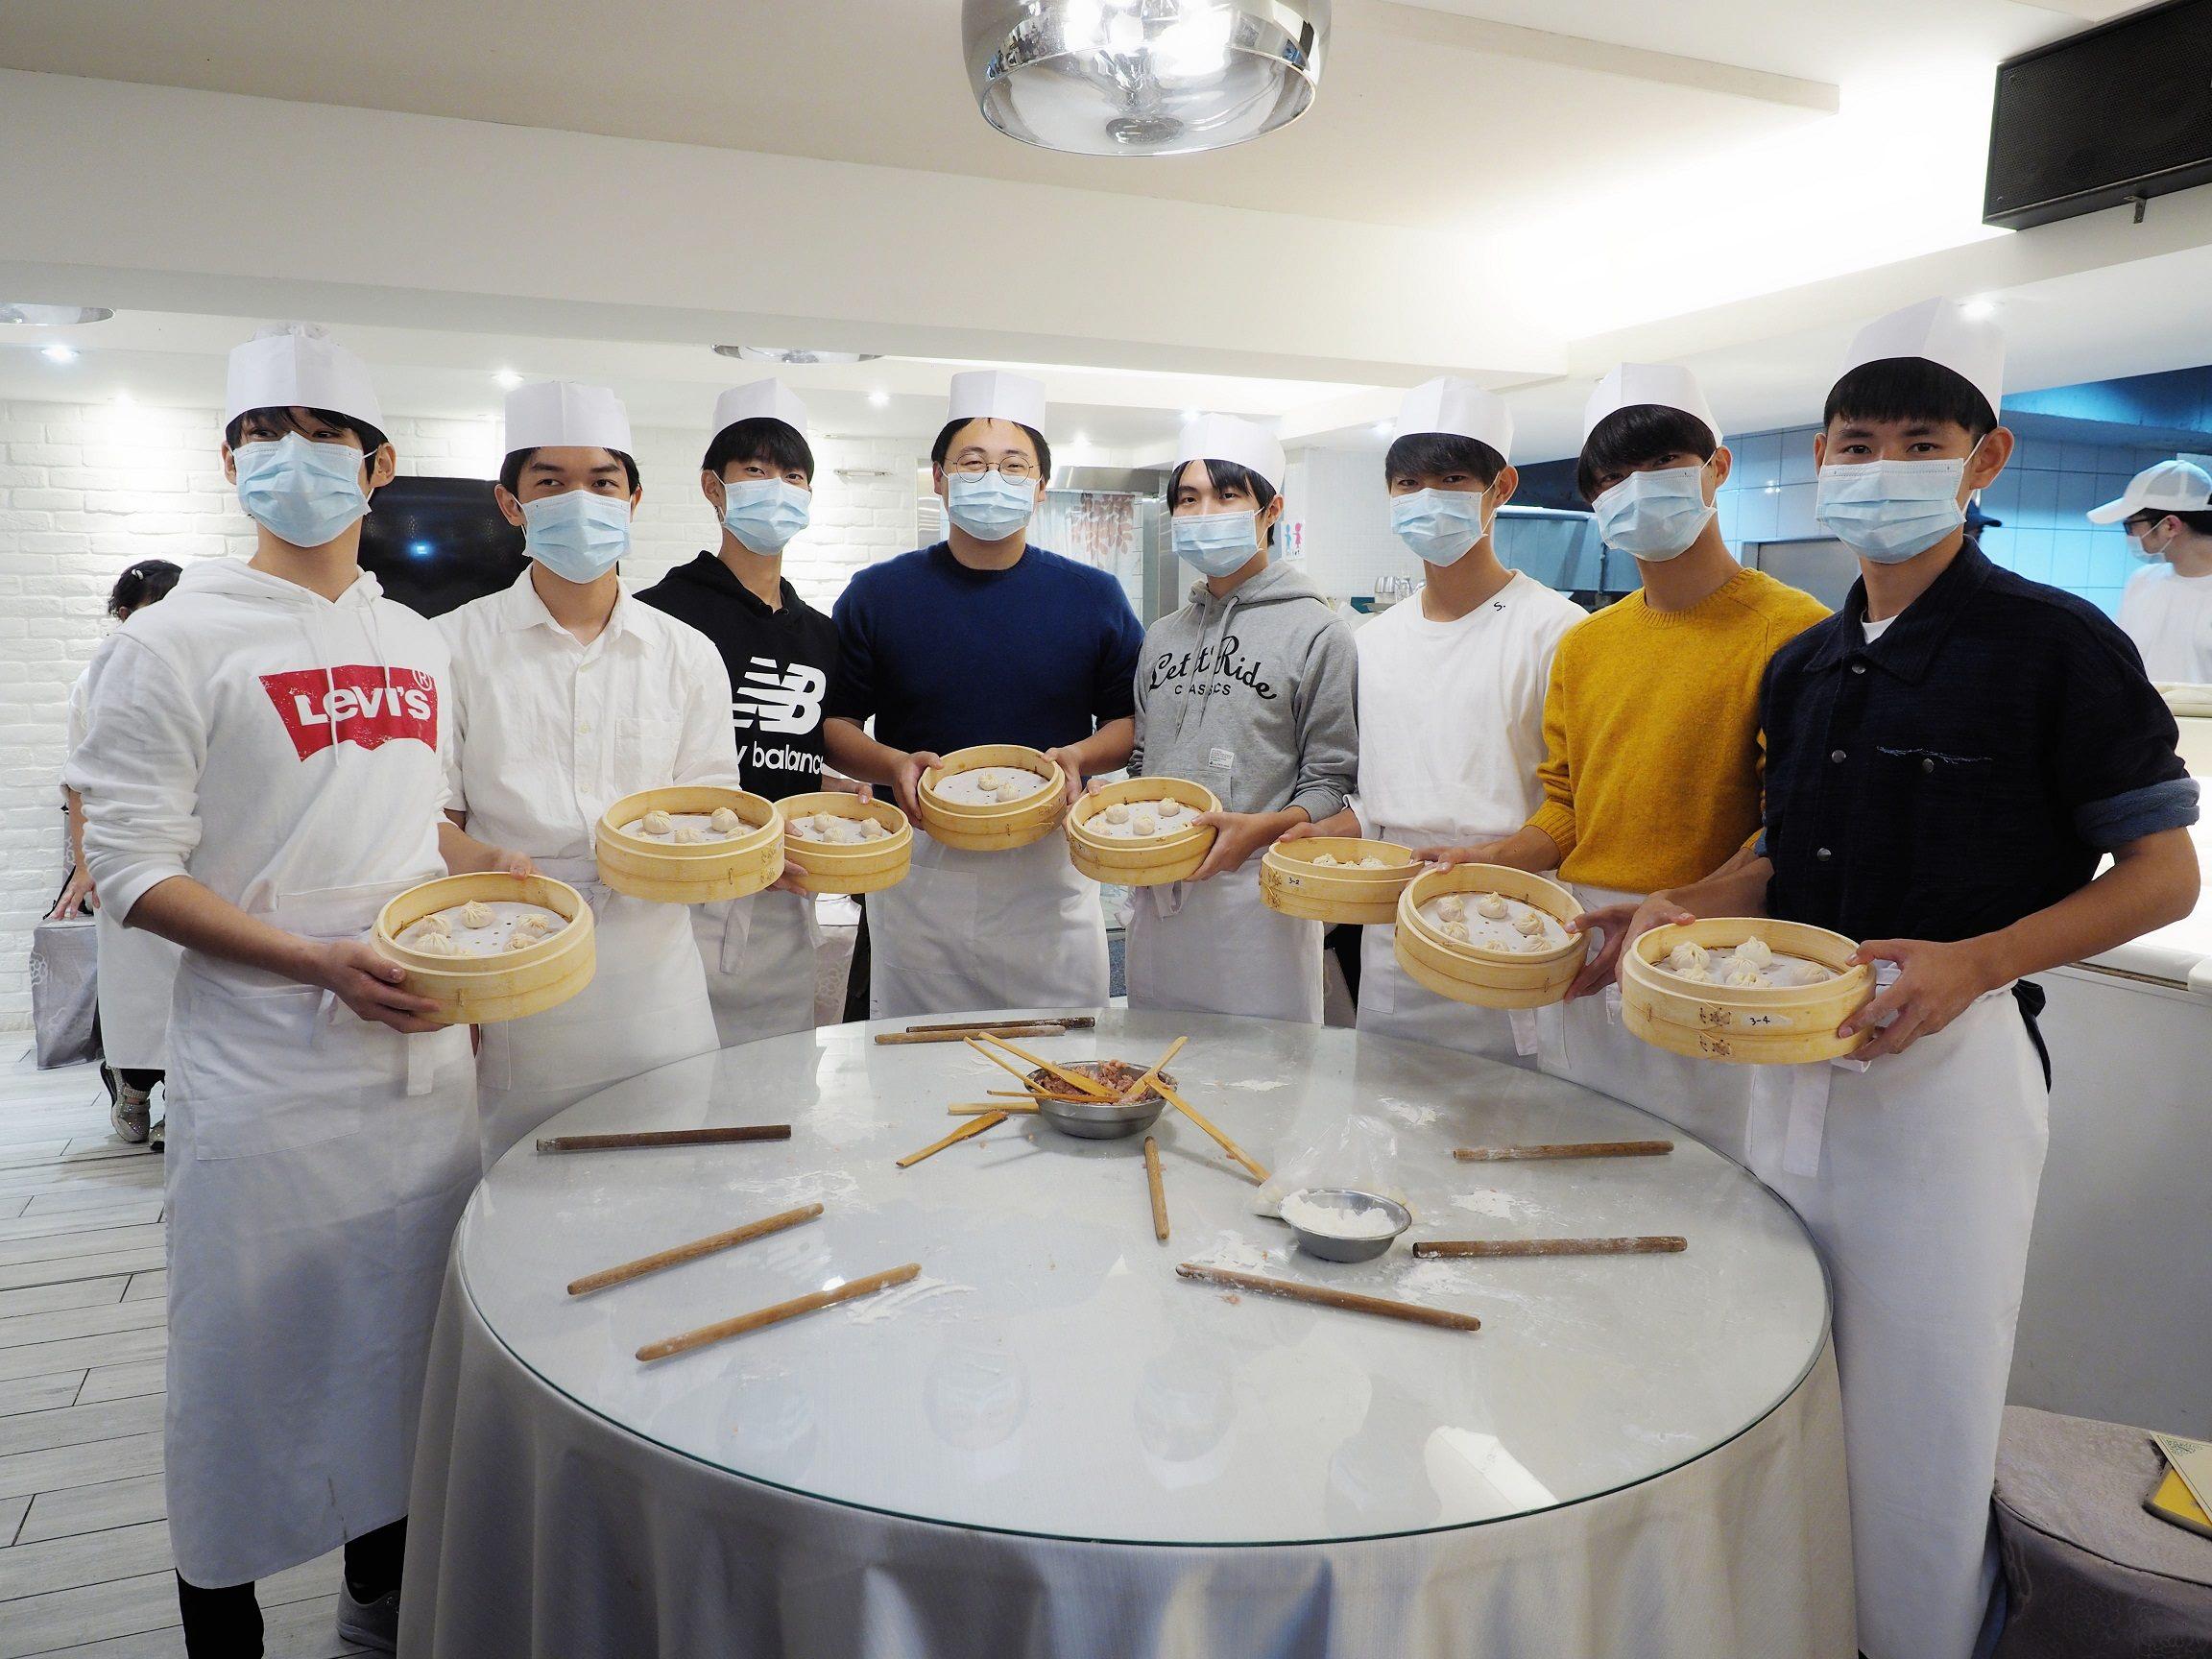 臺北市政府積極推廣日本學生來臺修學旅行,今(5)日於臺北市特色餐廳歡迎濱松市立高等學校師生來訪